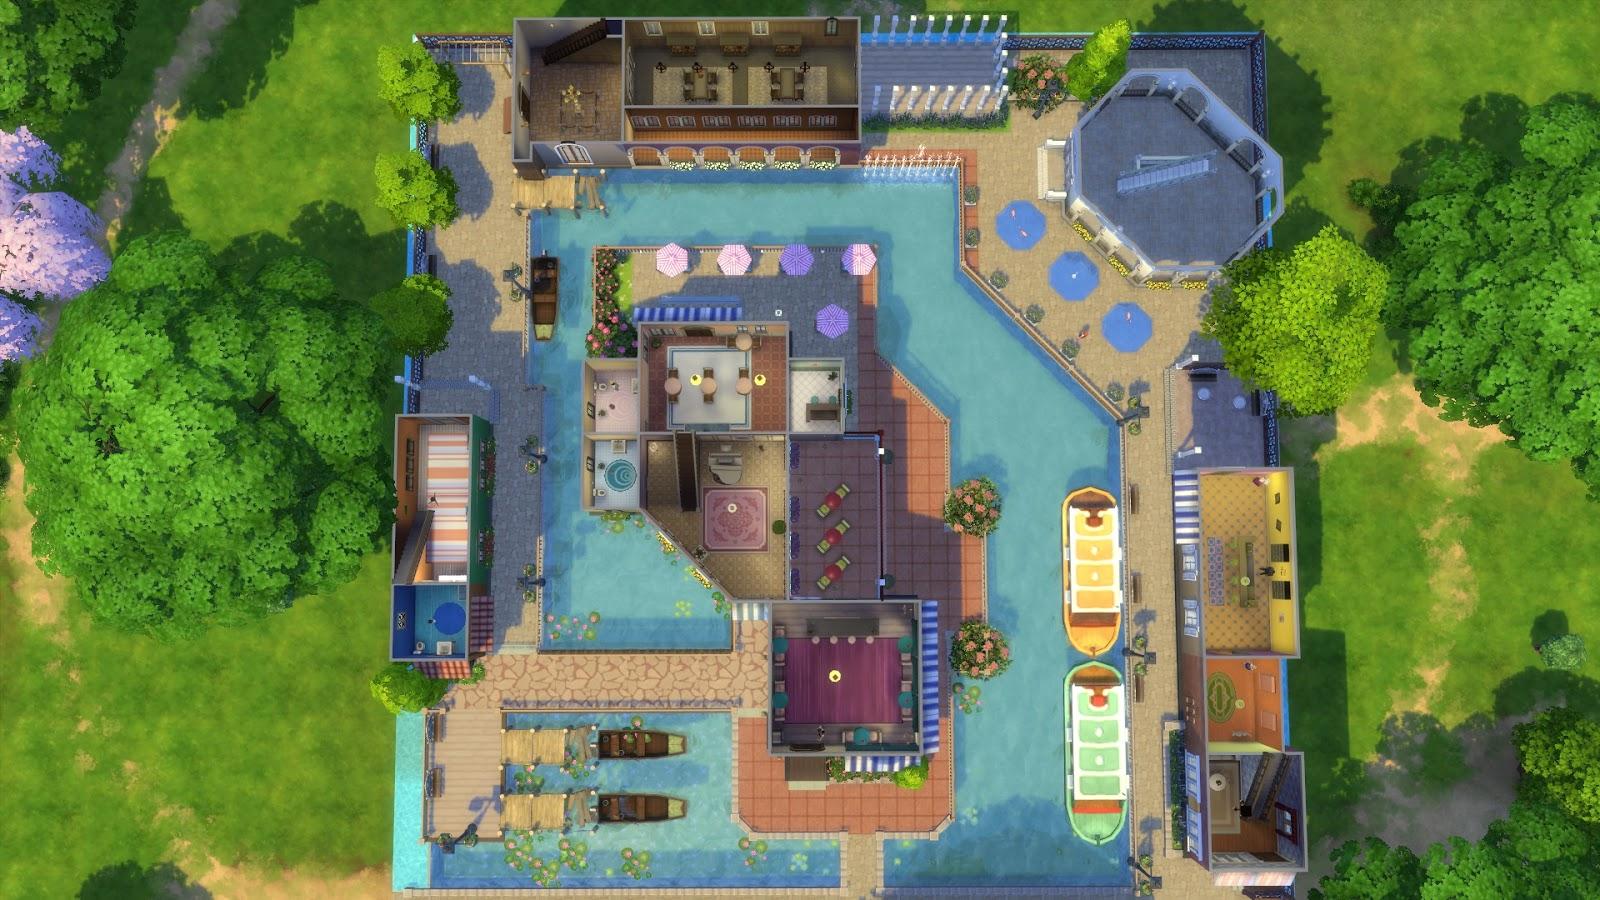 ร้านค้า the sims 4 บ้าน the sims 4 ของเสริม the sims 4